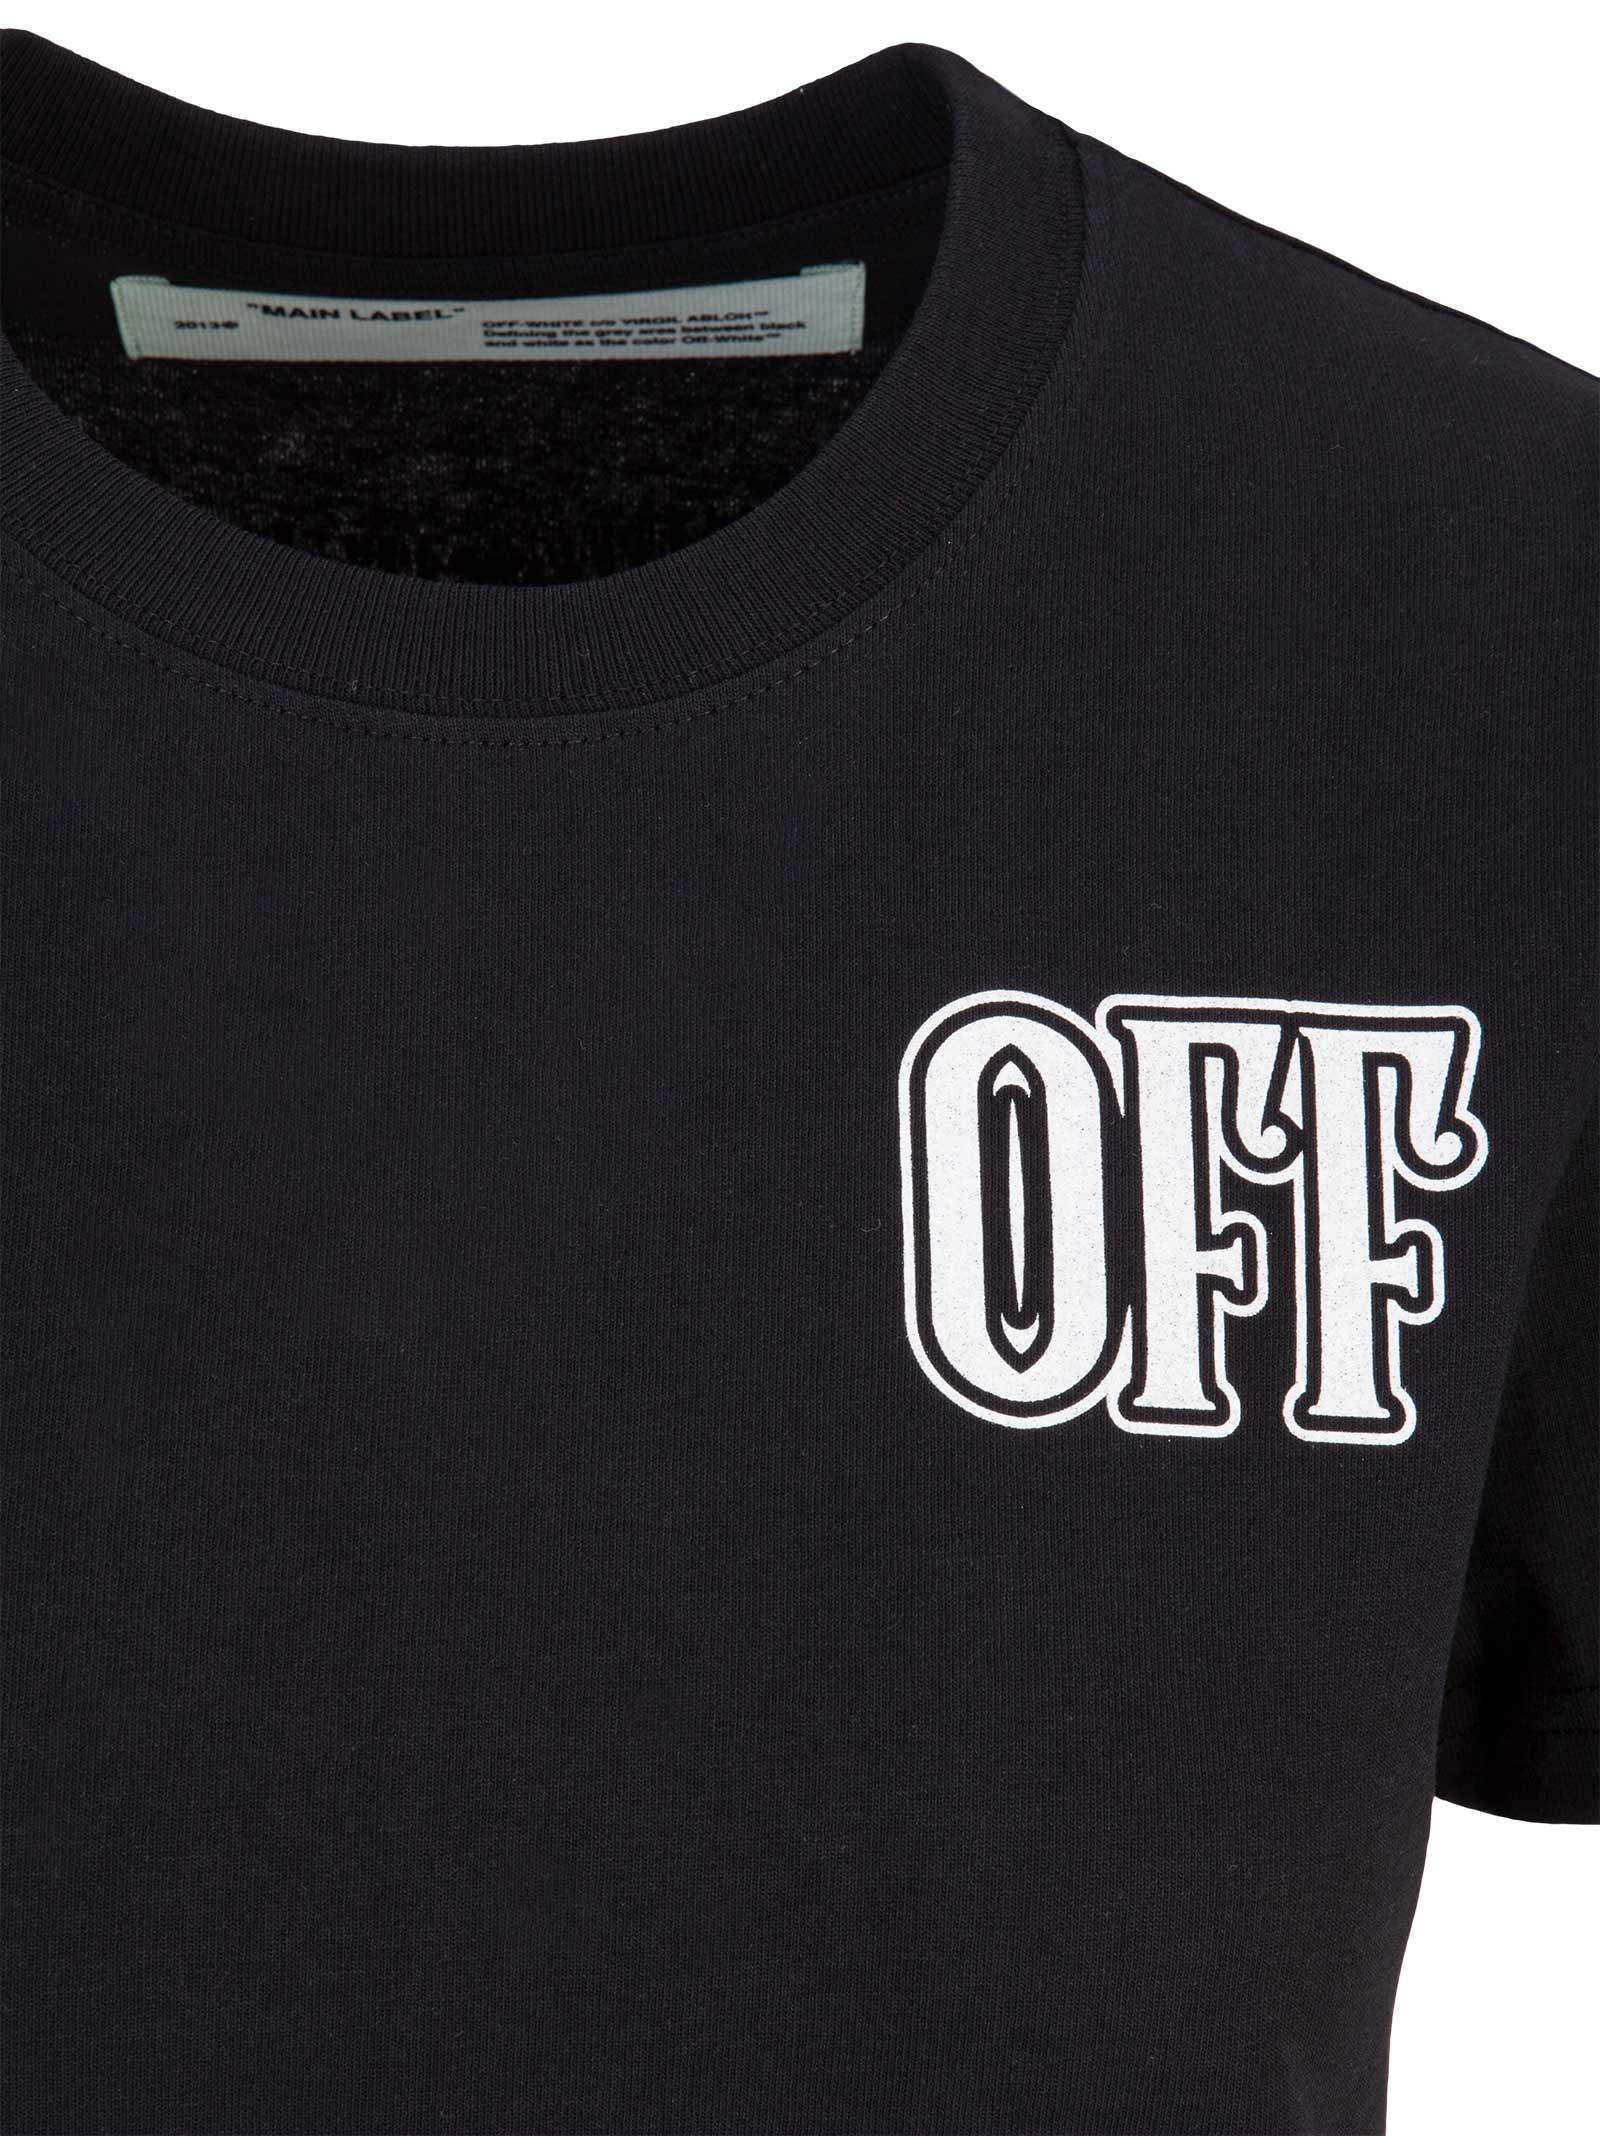 778712add971e7 Off-White t-shirt - Off-White - Michele Franzese Moda